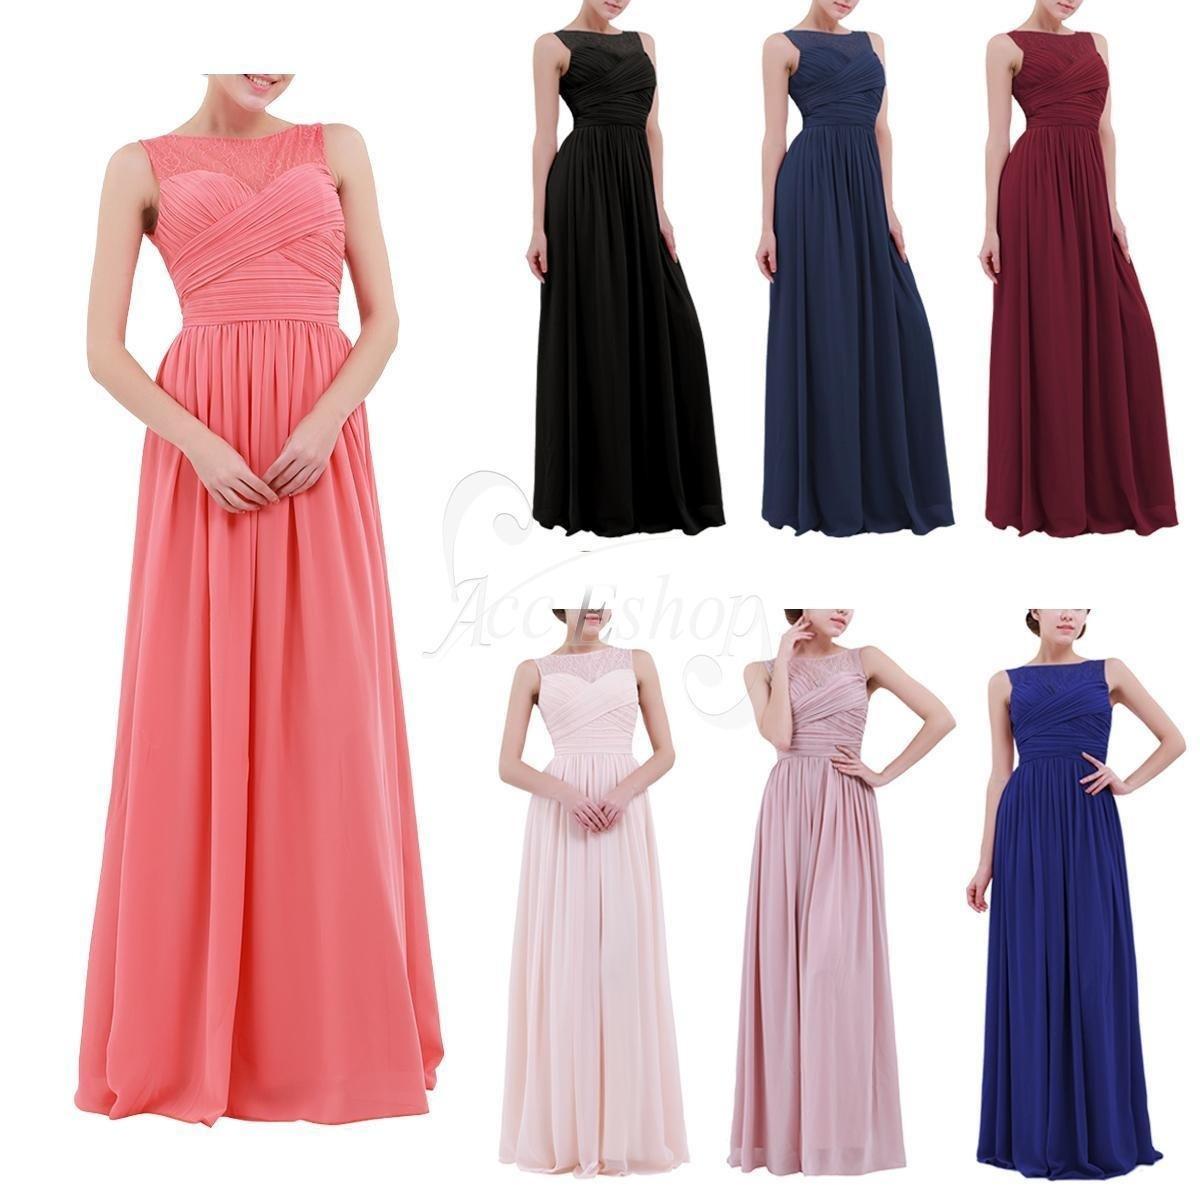 13 Cool Abendkleider Lang Für Hochzeit Galerie - Abendkleid